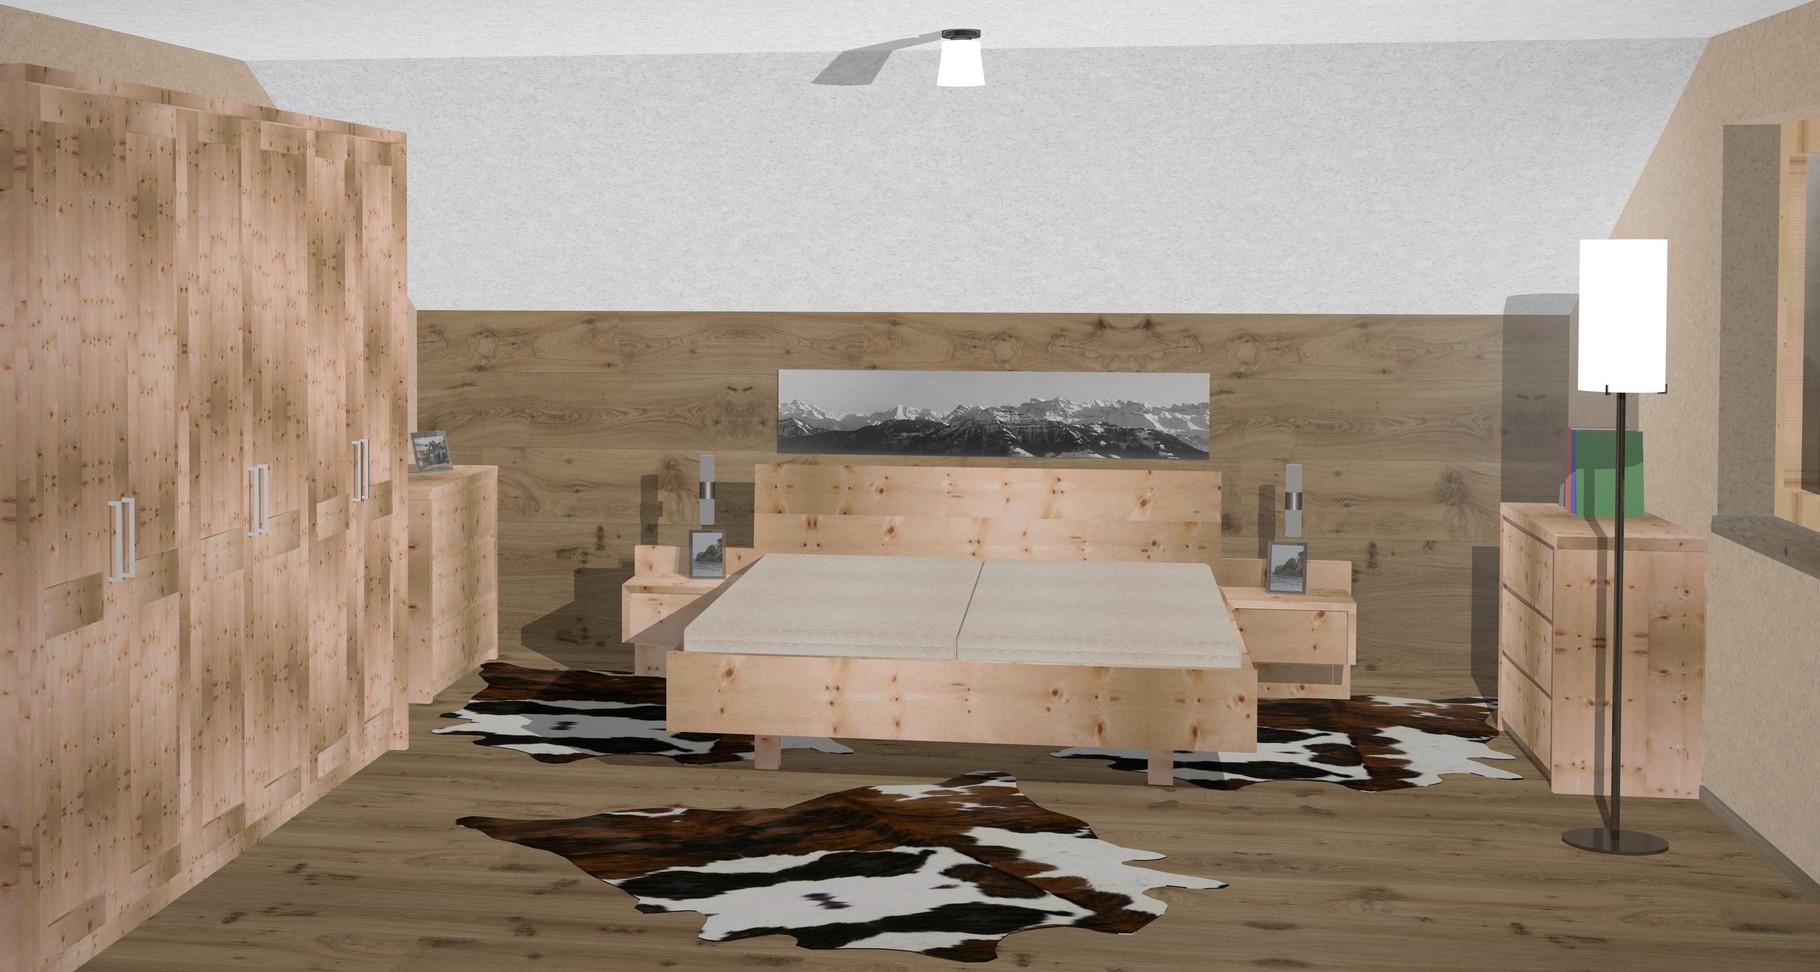 zirbenbett, arvenbett, zirbenholz, zirbenholz schlafzimmer, Schlafzimmer entwurf